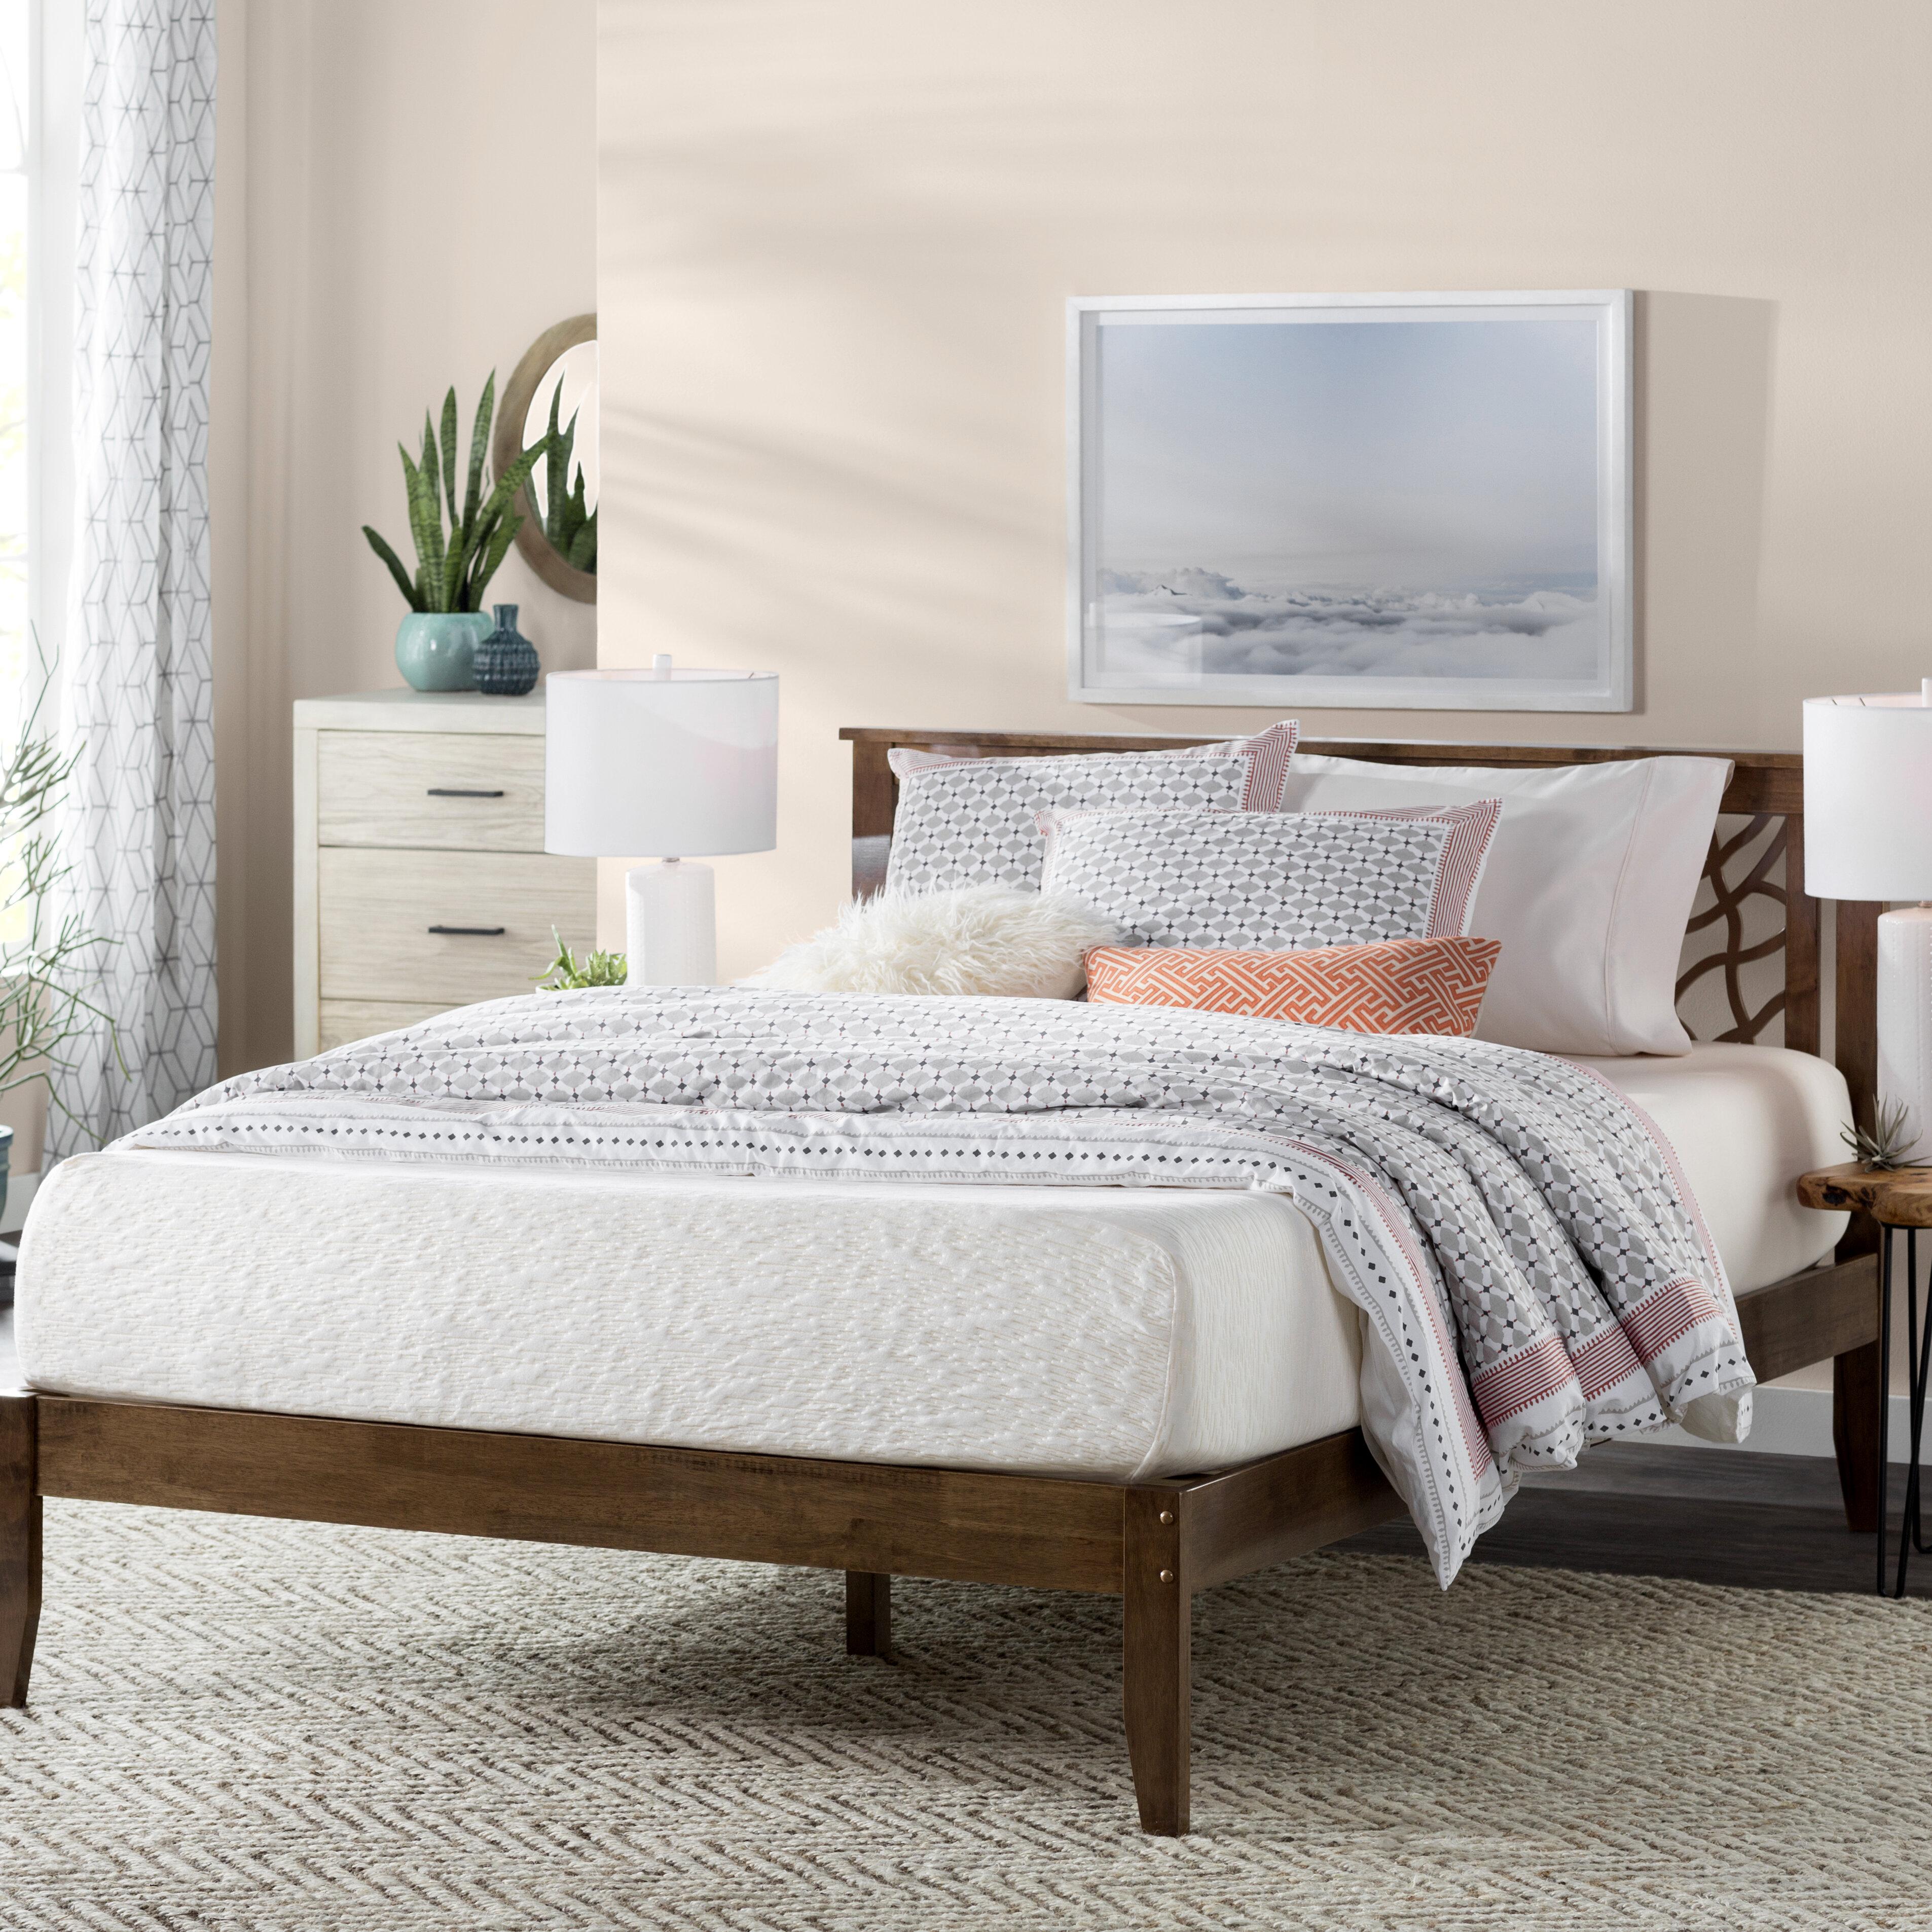 wayfair sleepa wayfair sleep 12 memory foam mattress reviews